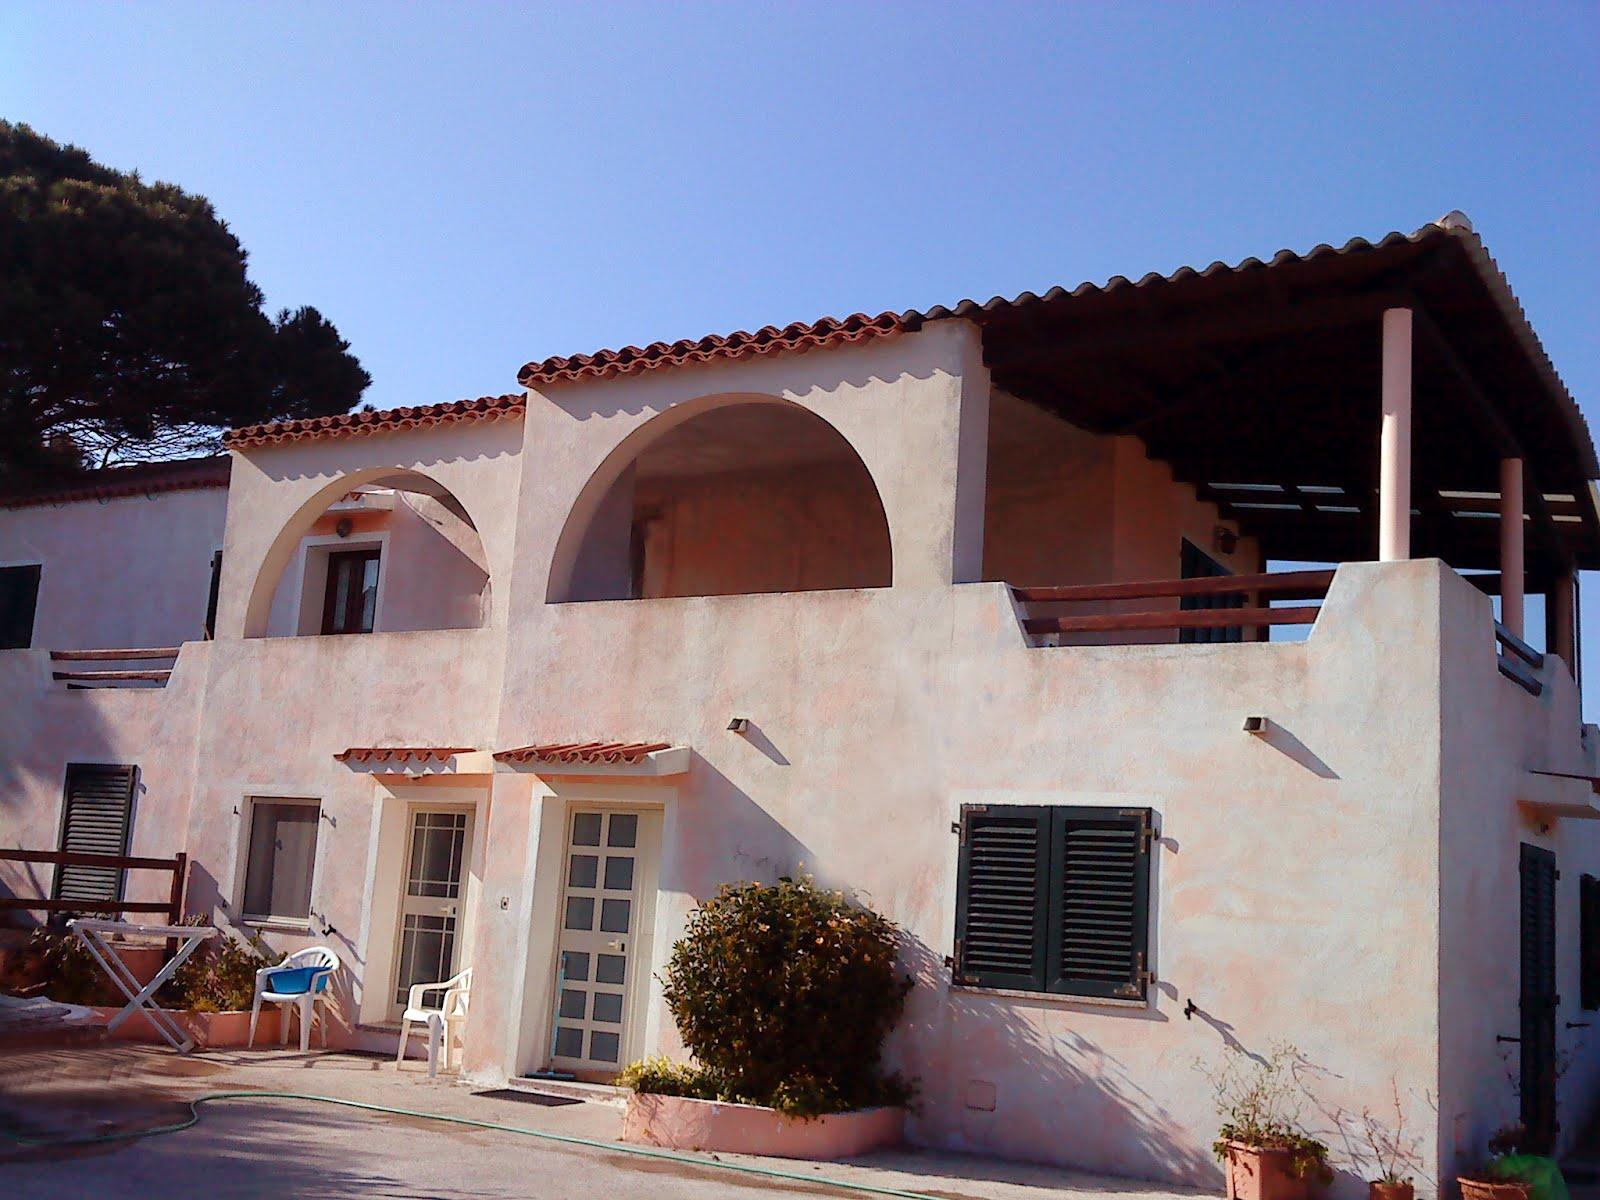 Vacanze sardegna casa vacanze in affitto la maddalena for Sardegna casa vacanze